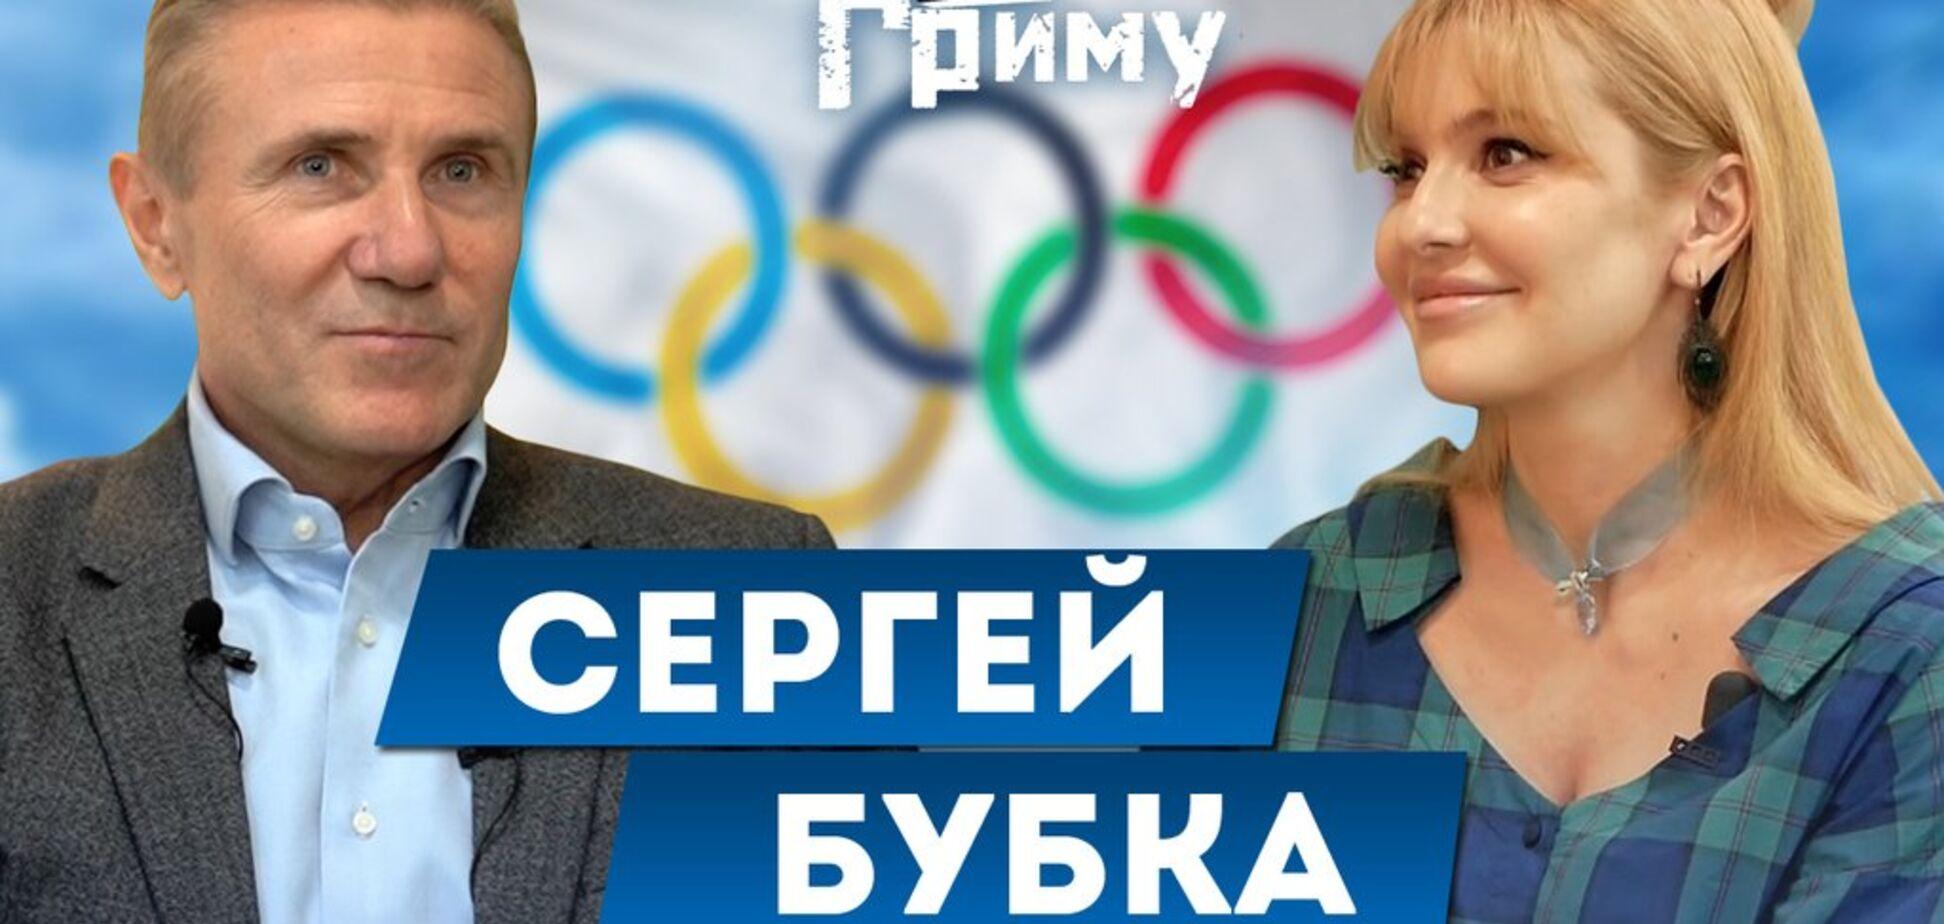 Нет таких рекордов, которые нельзя превзойти — Сергей Бубка в блиц-шоу 'Без грима'